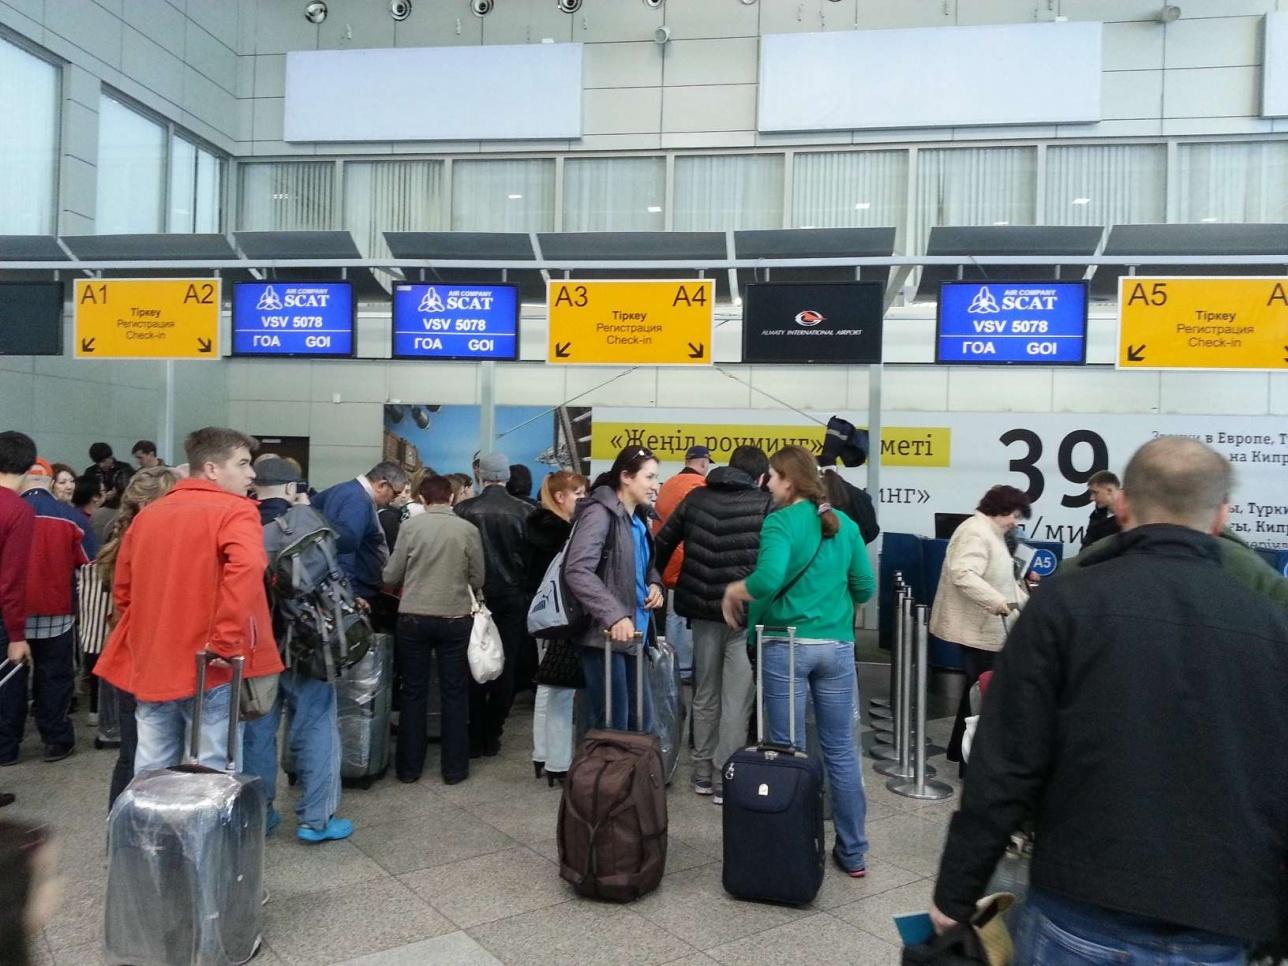 Ожидается, что заполняемость рейсов будущего лоукостера будет максимальной из-за высокого спроса на дешёвые билеты